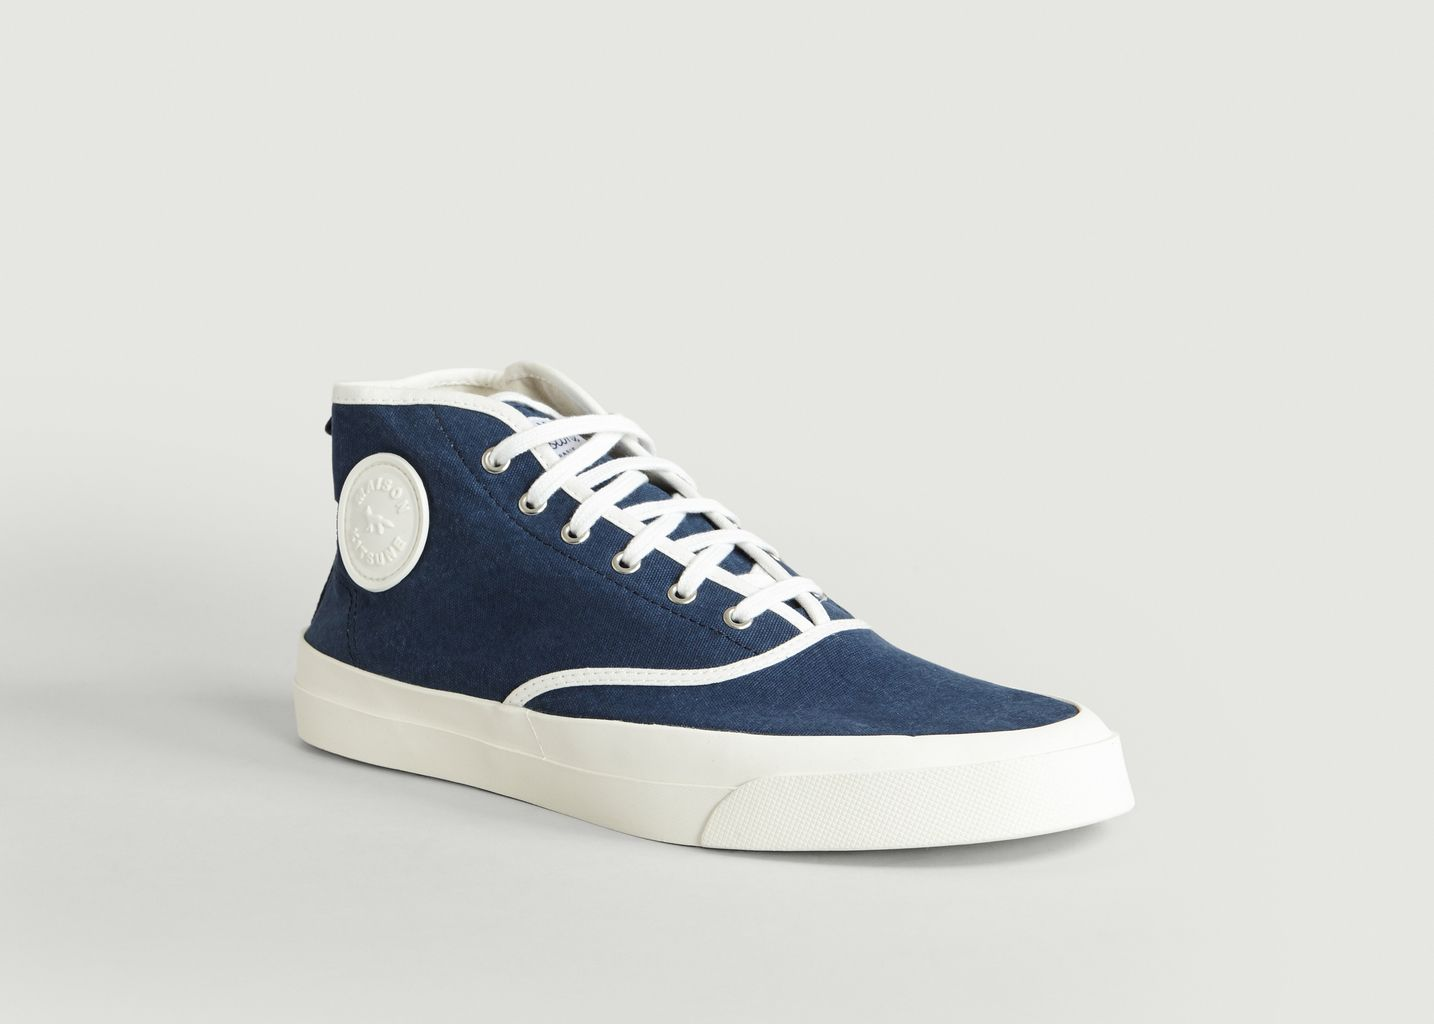 online store 19f64 ed751 33513253050-01BC-kitsune-bleachedhightopsneaker-01.jpg